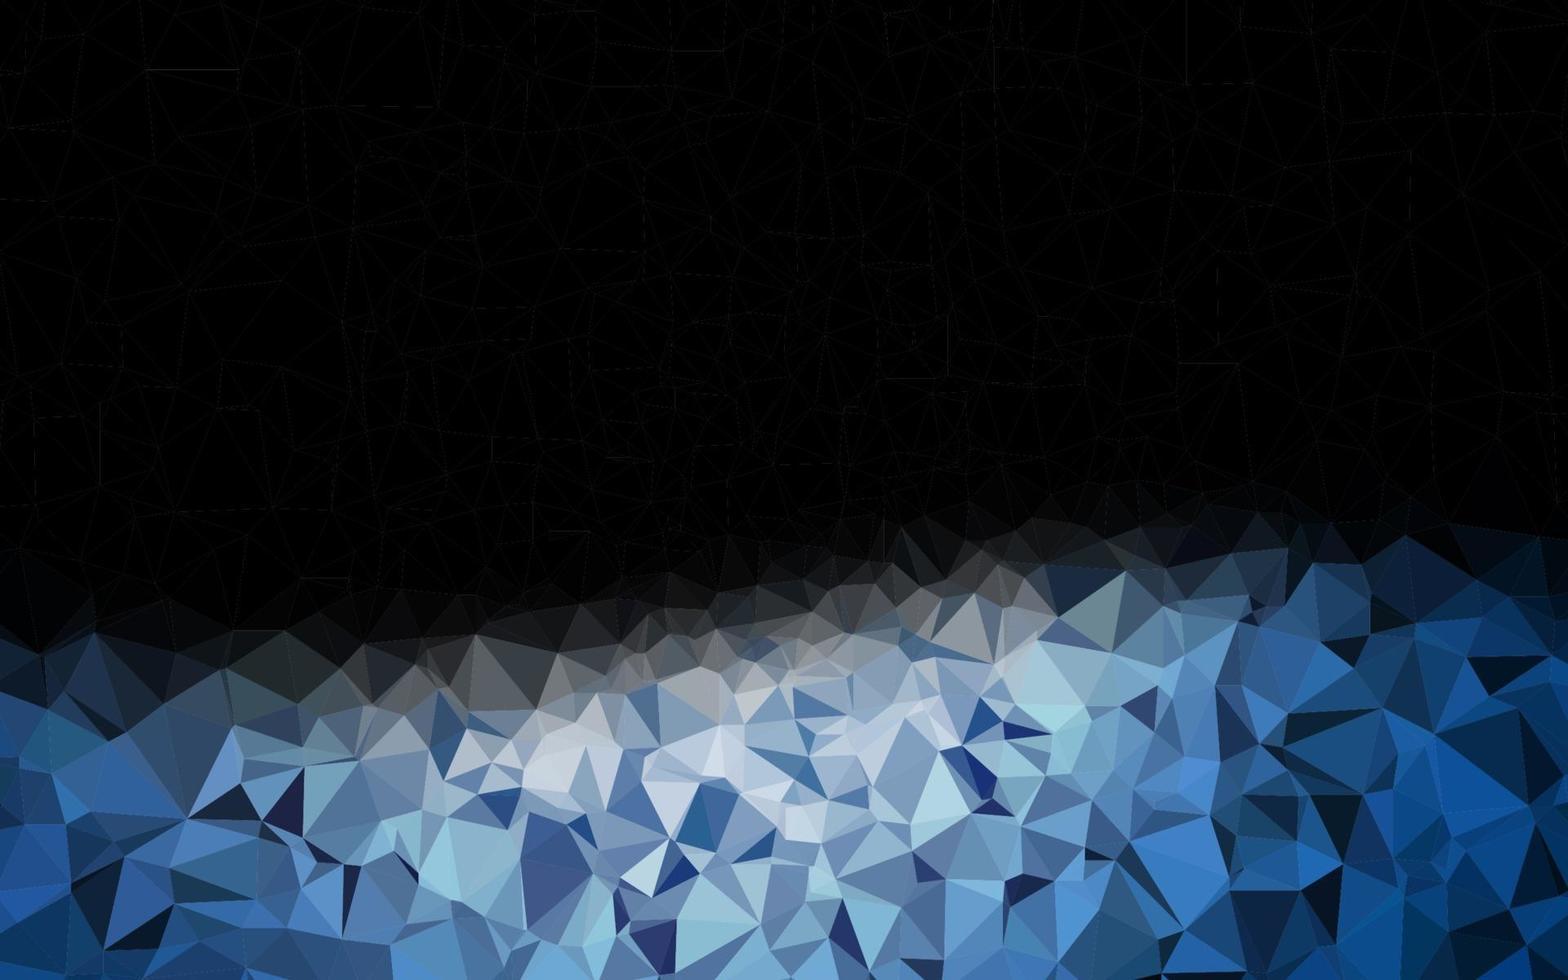 cenário de mosaico abstrato de vetor azul escuro.